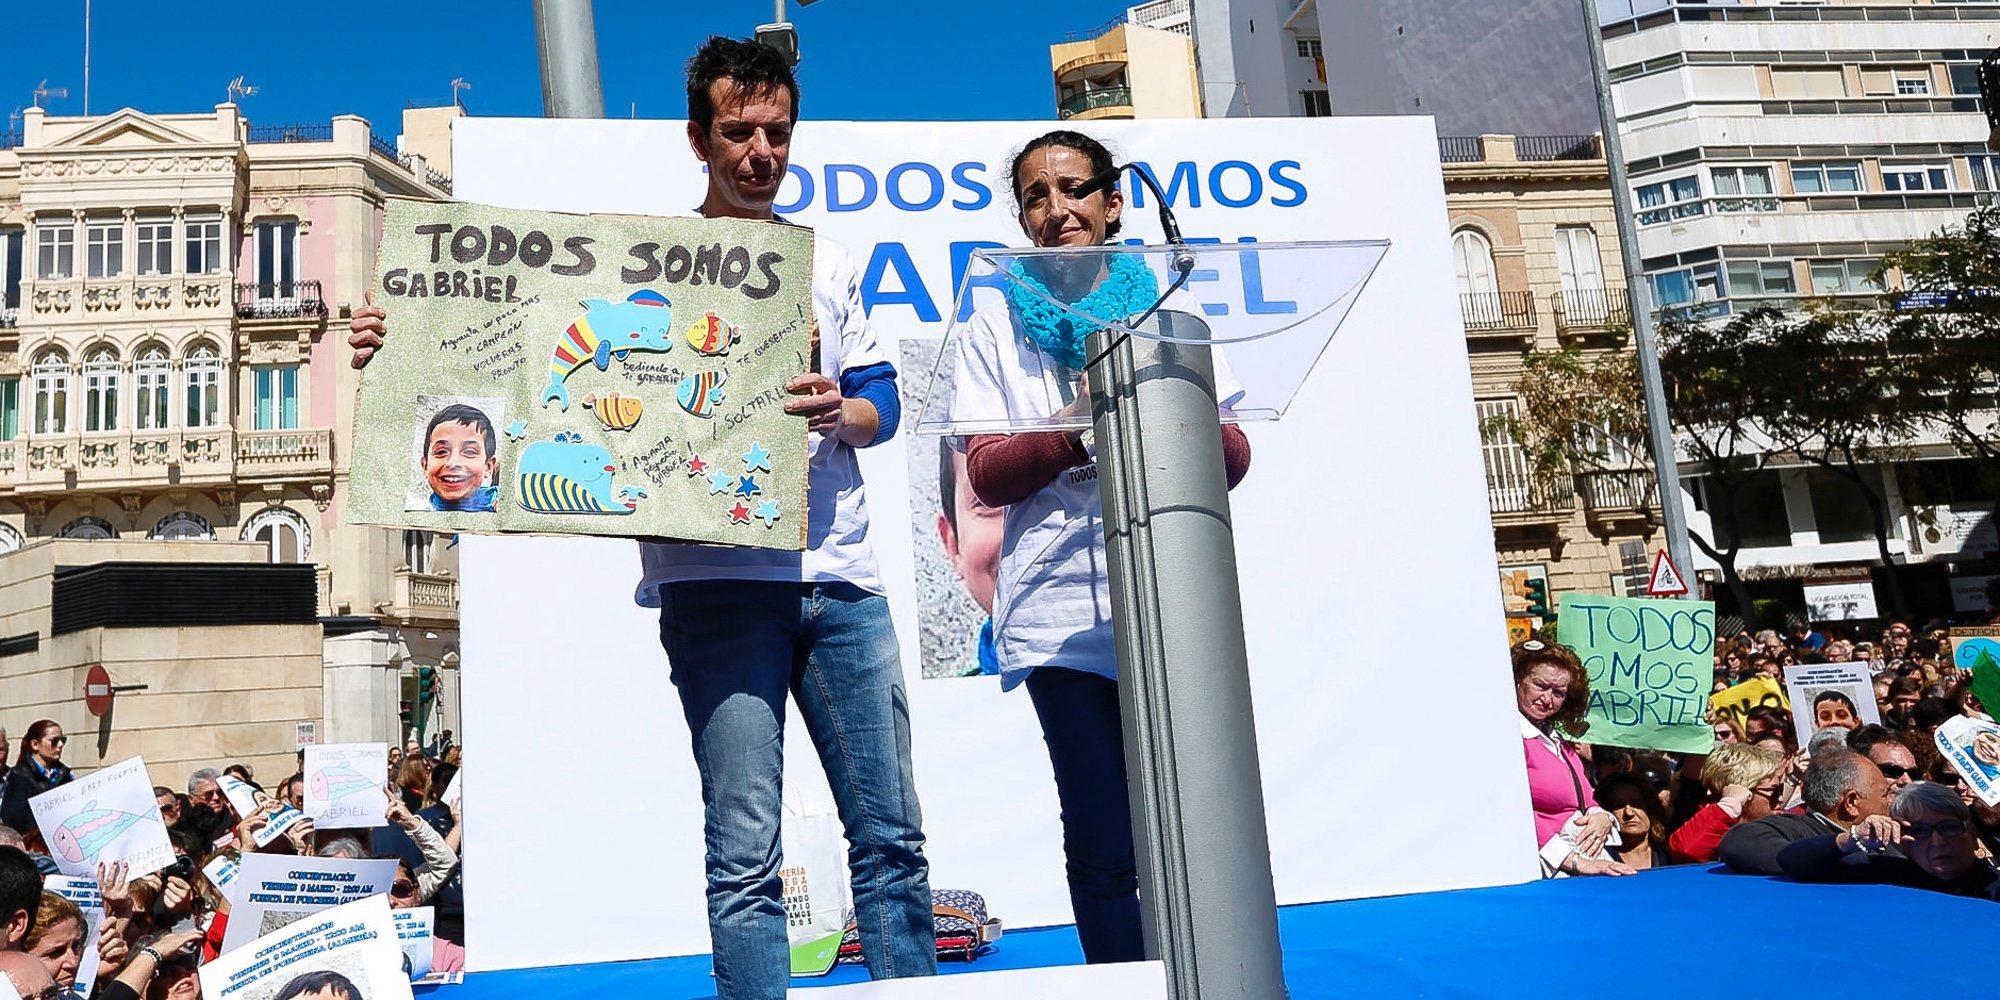 Paula Echevarría, Malú o Kiko Rivera: Las celebrities se unen ante la muerte del pequeño Gabriel